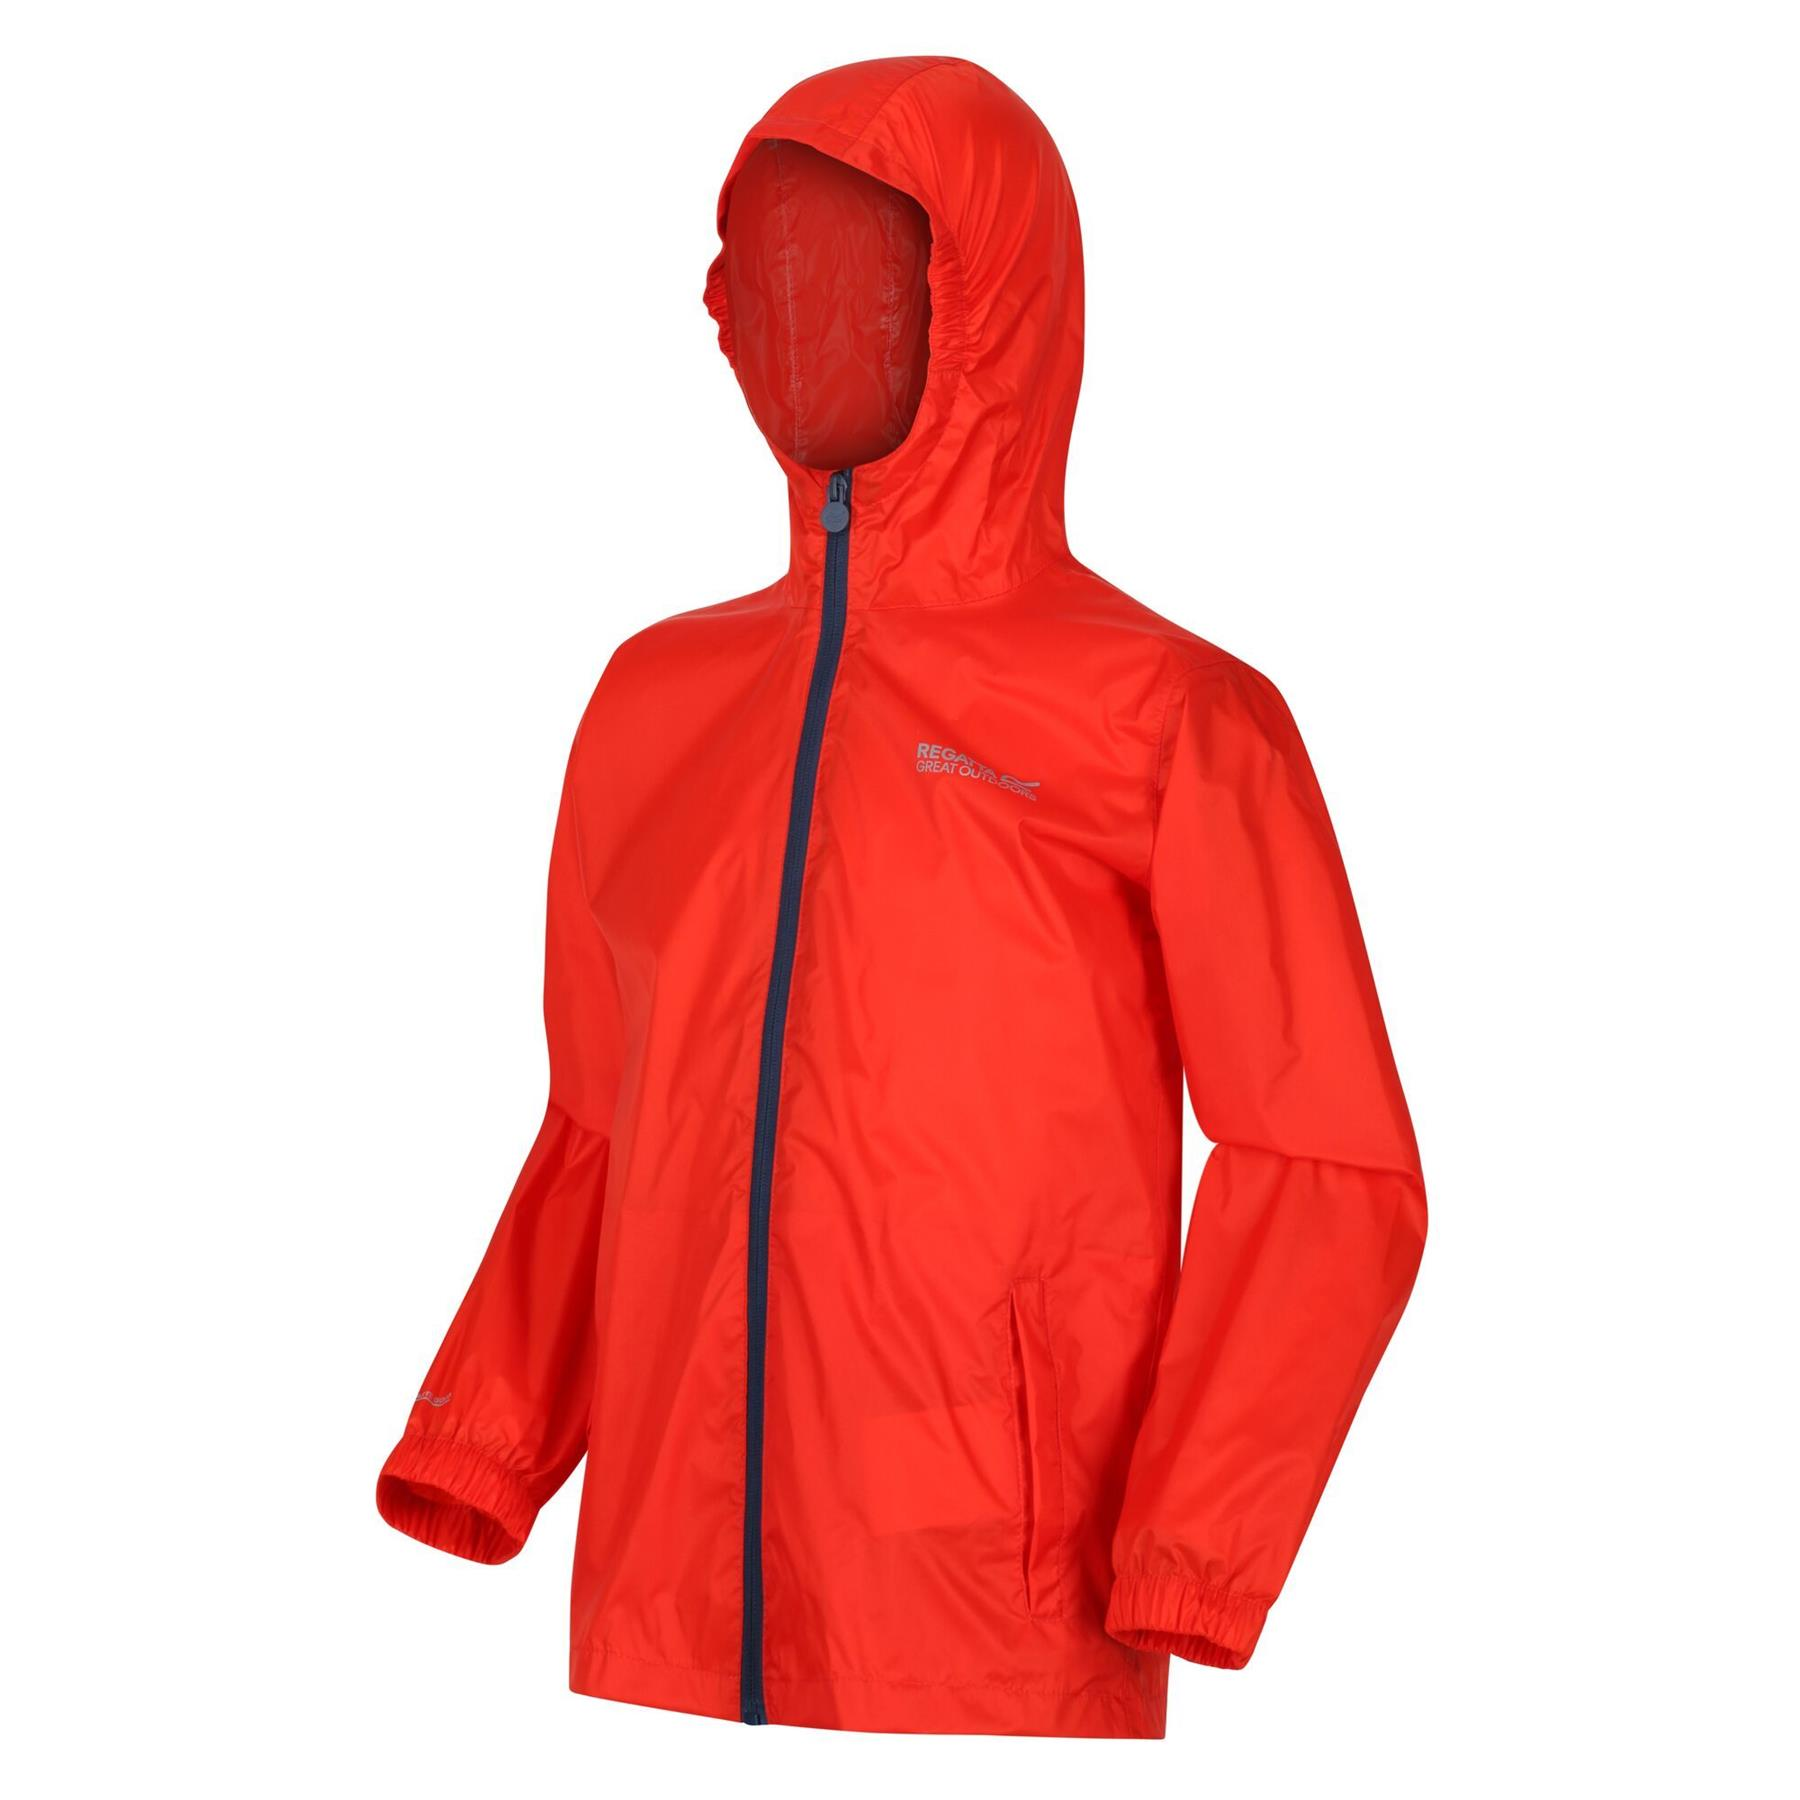 miniatuur 6 - Regatta Kids Pack it Jacket II Lightweight Waterproof Packaway Jacket Boys Girls